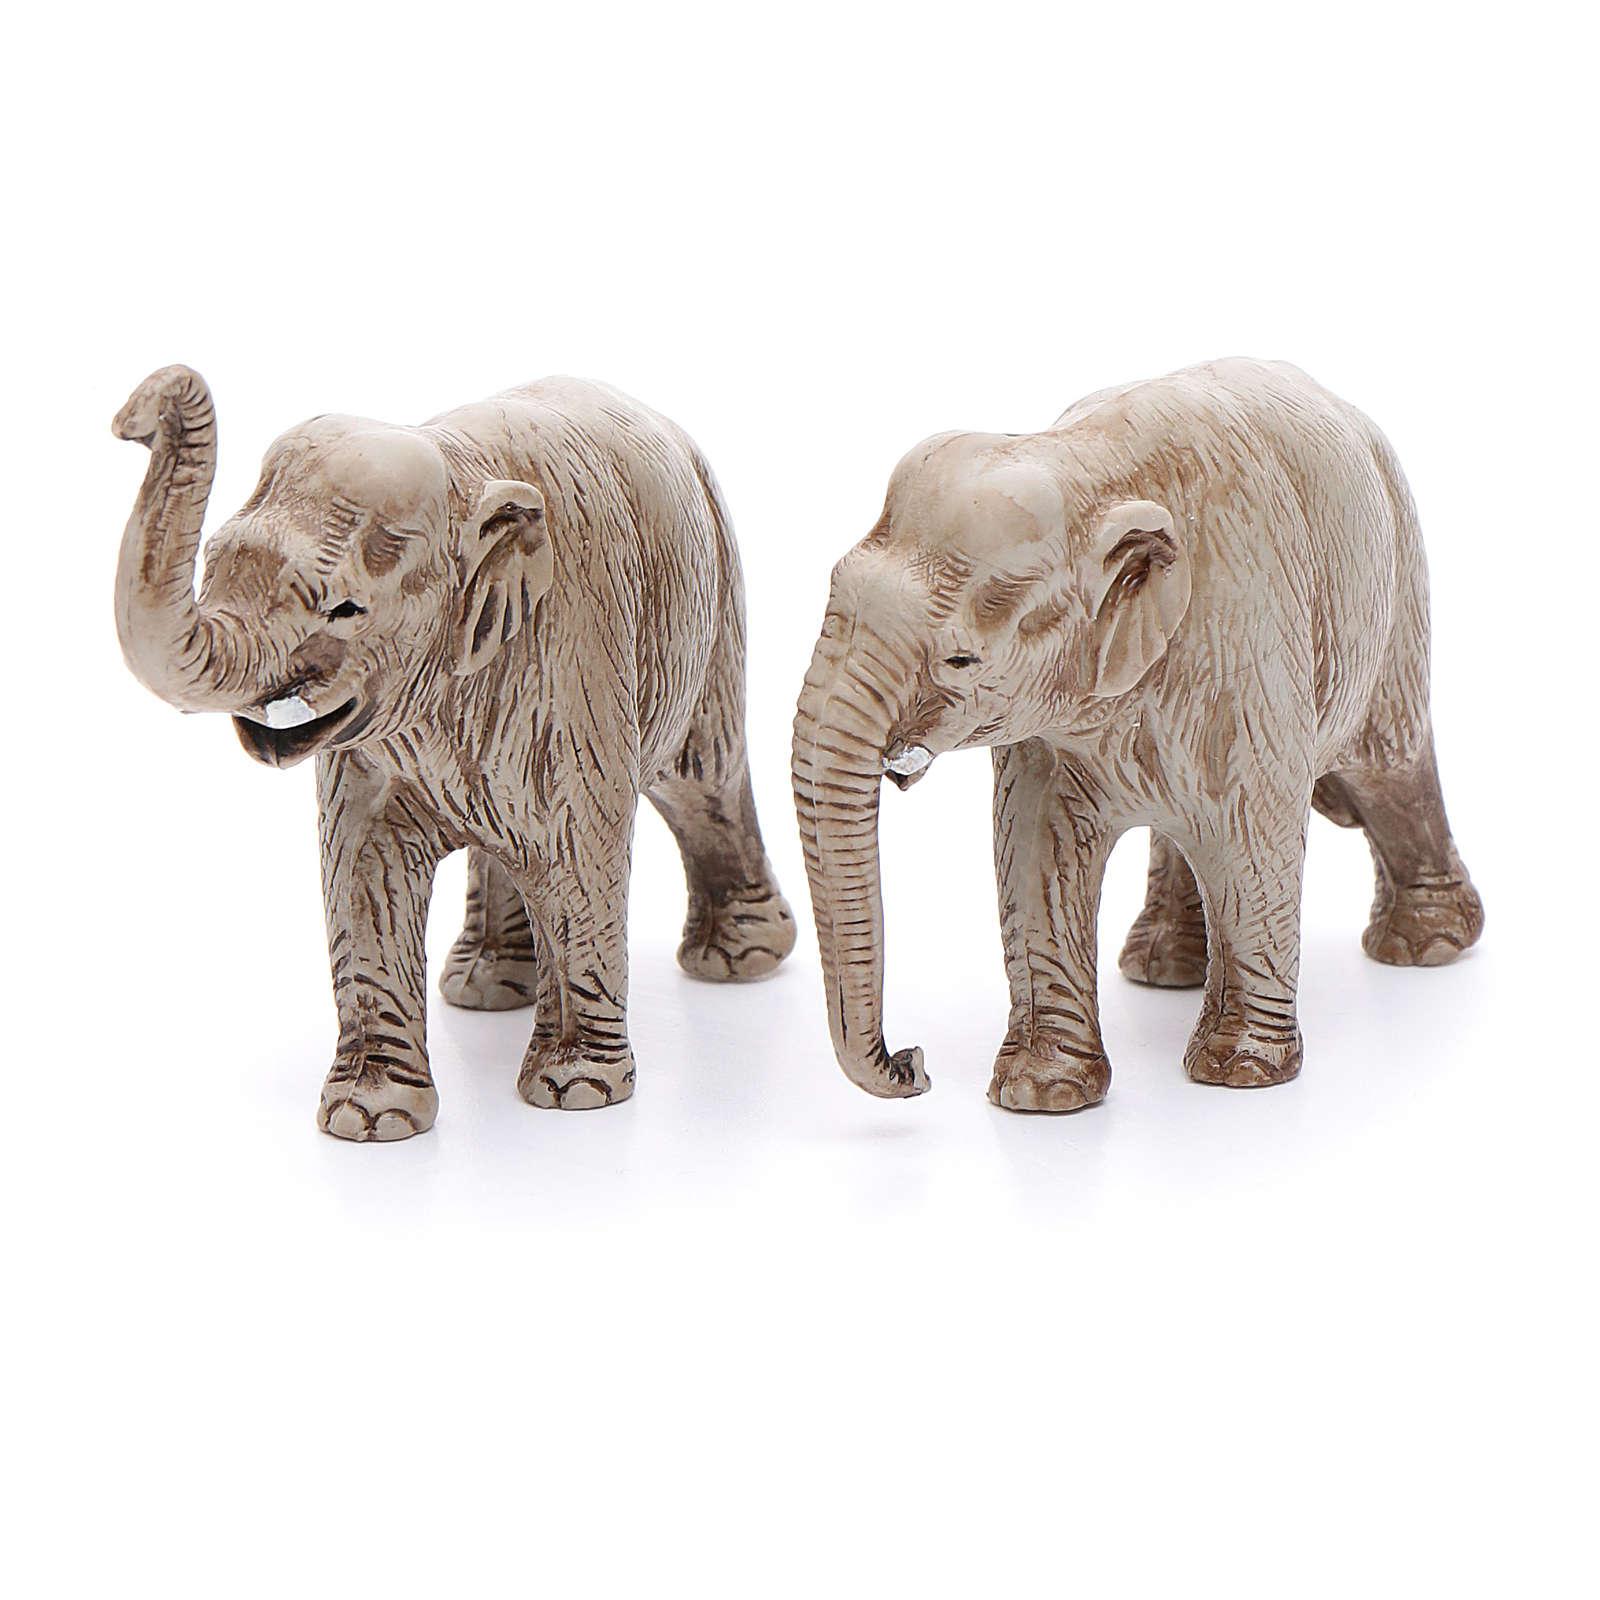 Nativity Scene elephants by Moranduzzo 3.5cm, 2 pieces 4